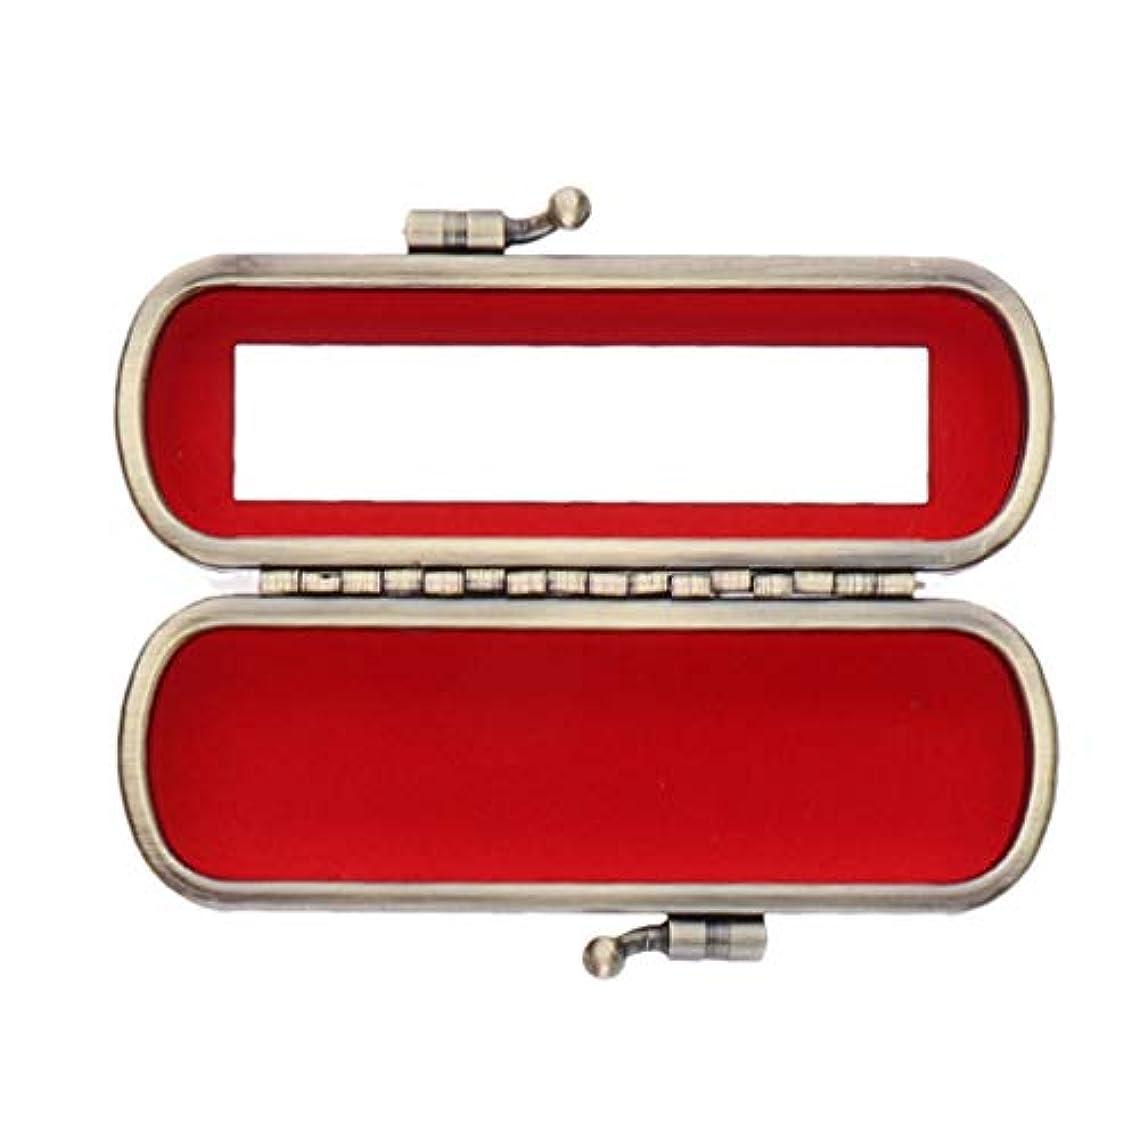 機械的散髪ダイヤル財布用ミラーオーガナイザーバッグ付きかわいいレザーリップスティックリップクリームケース - 赤